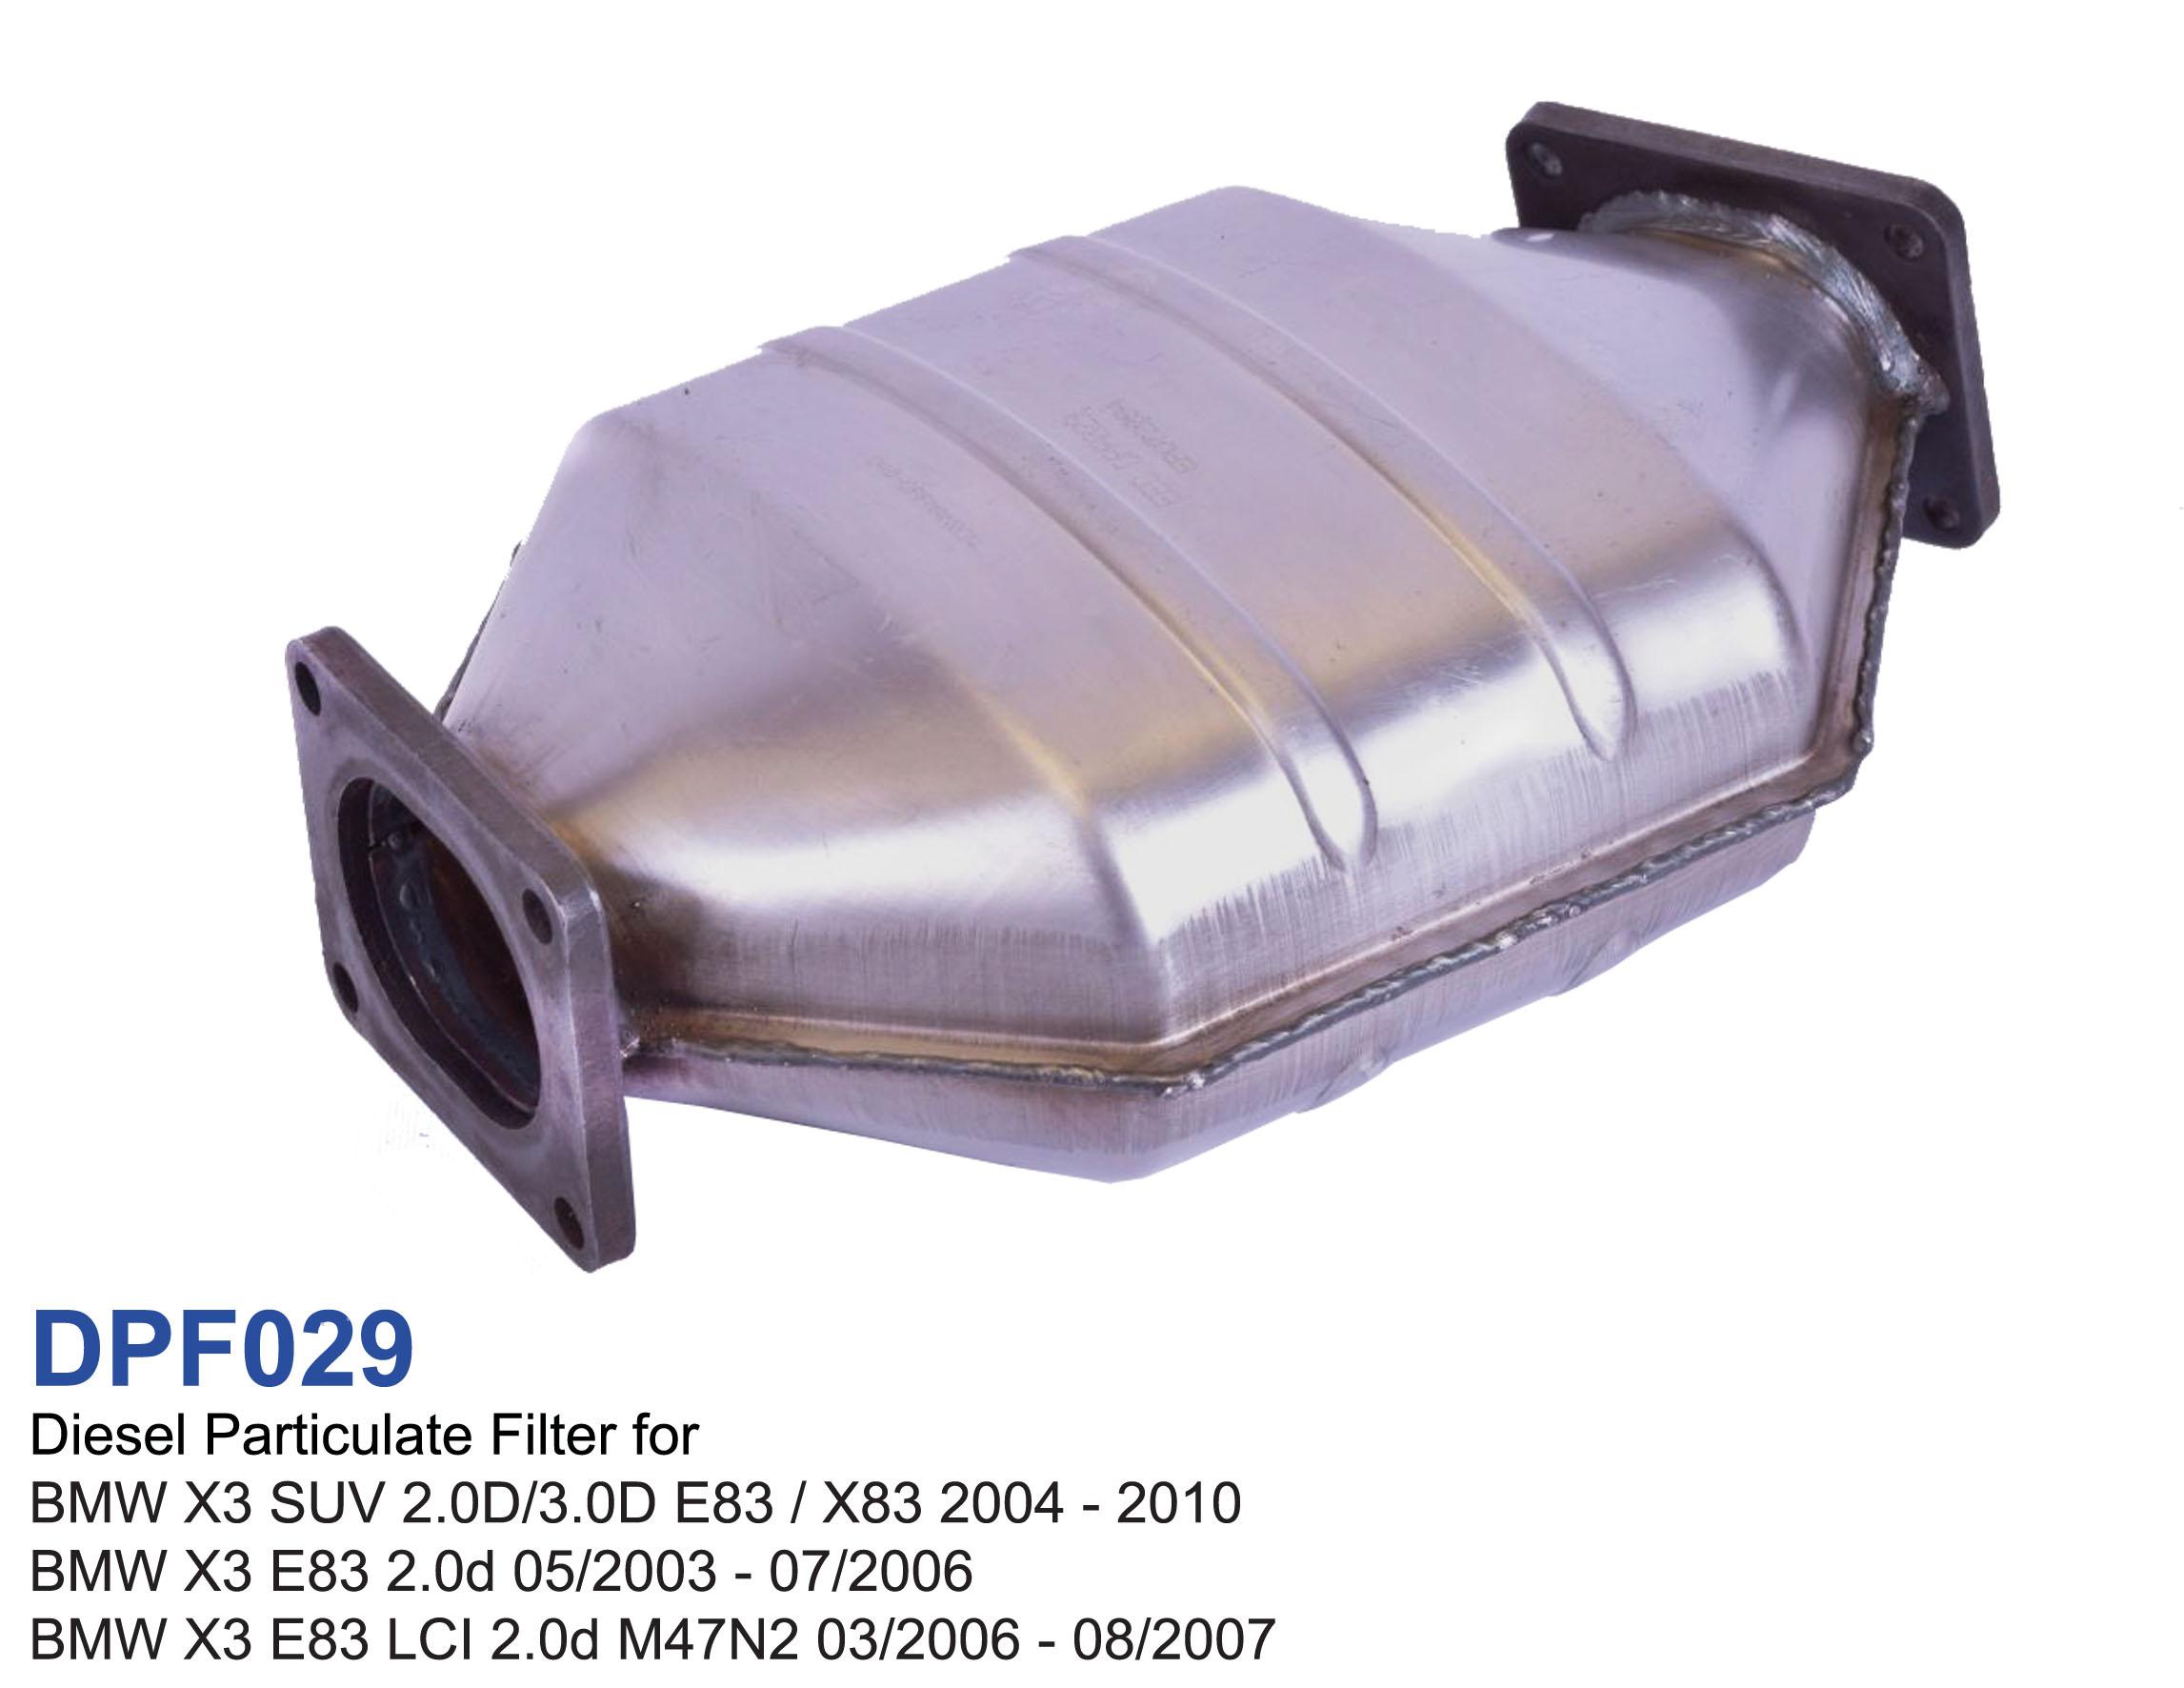 Diesel Particulate Filter For Bmw X3 2 0d 3 0d E83 X83 520d E60 E61 2004 2010 Dpf029